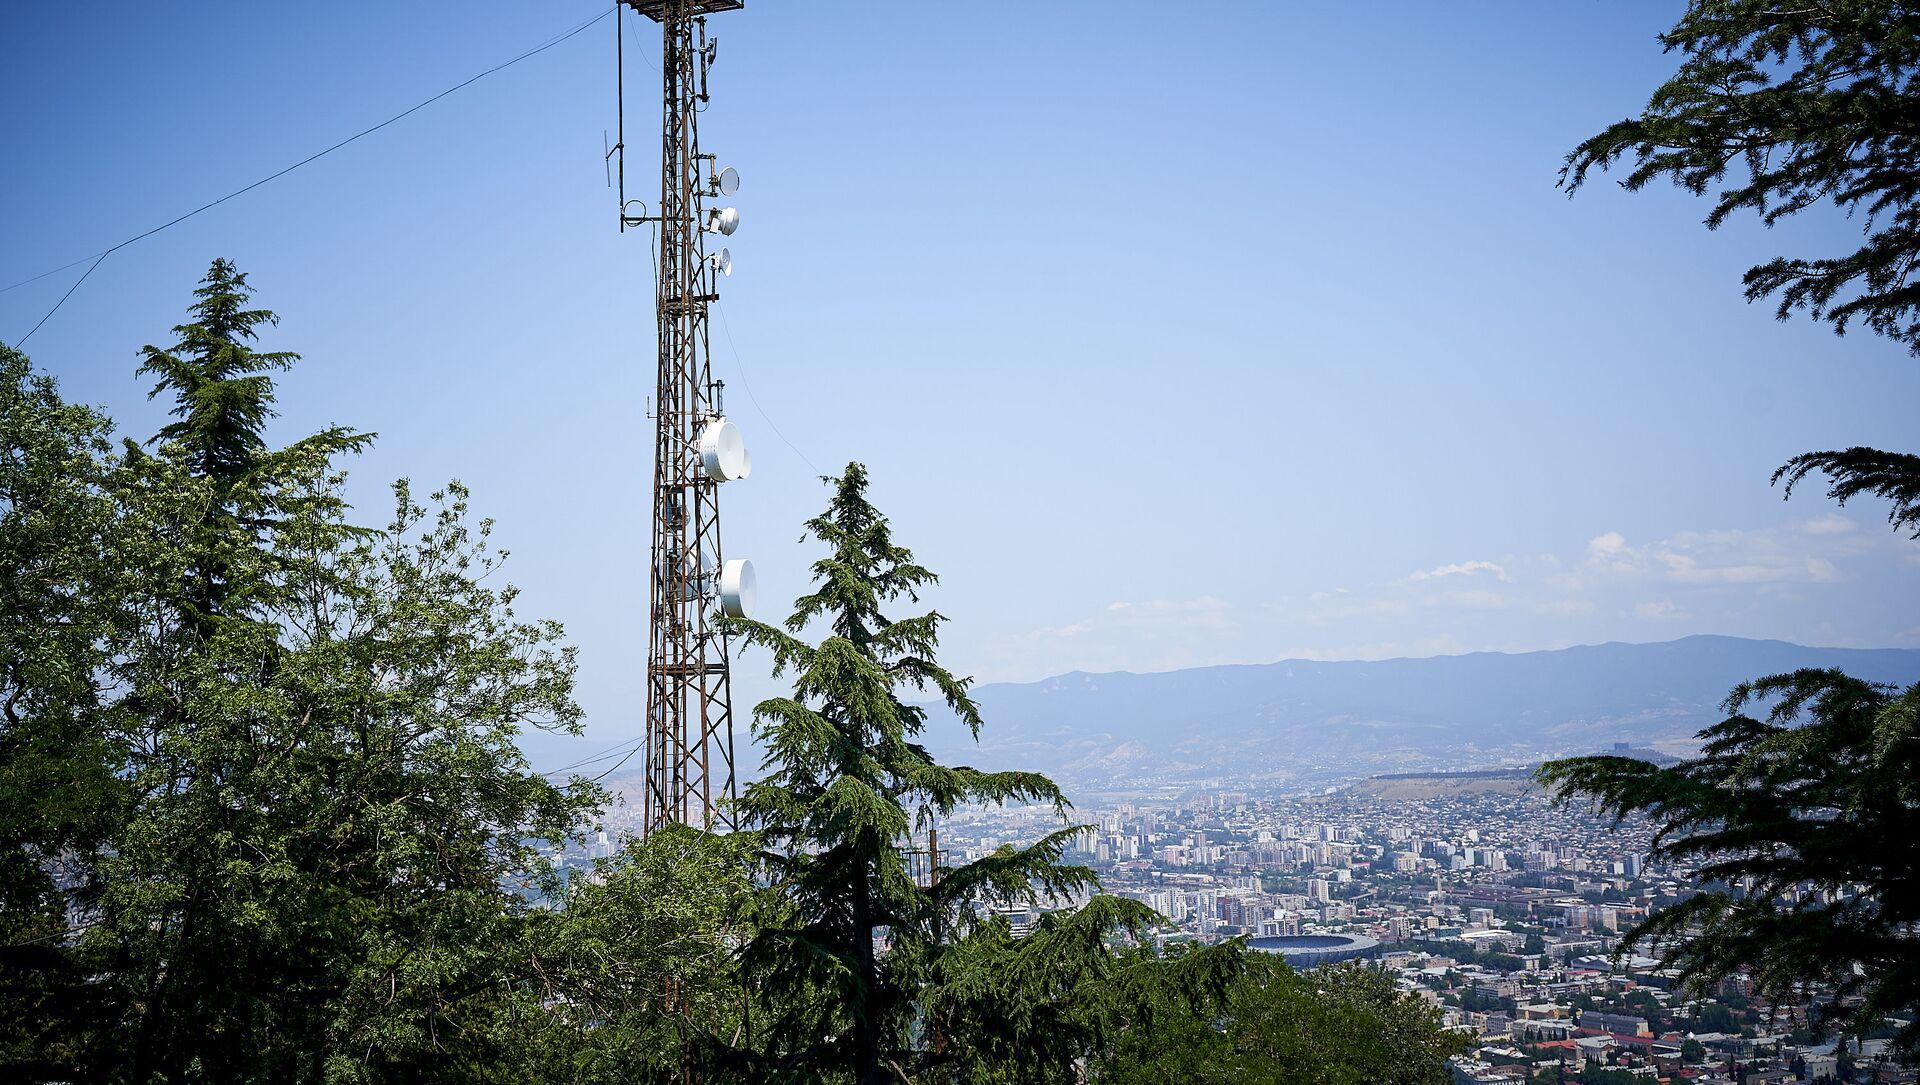 Вышка с передающими антеннами мобильной связи 4G - Sputnik Грузия, 1920, 03.07.2021